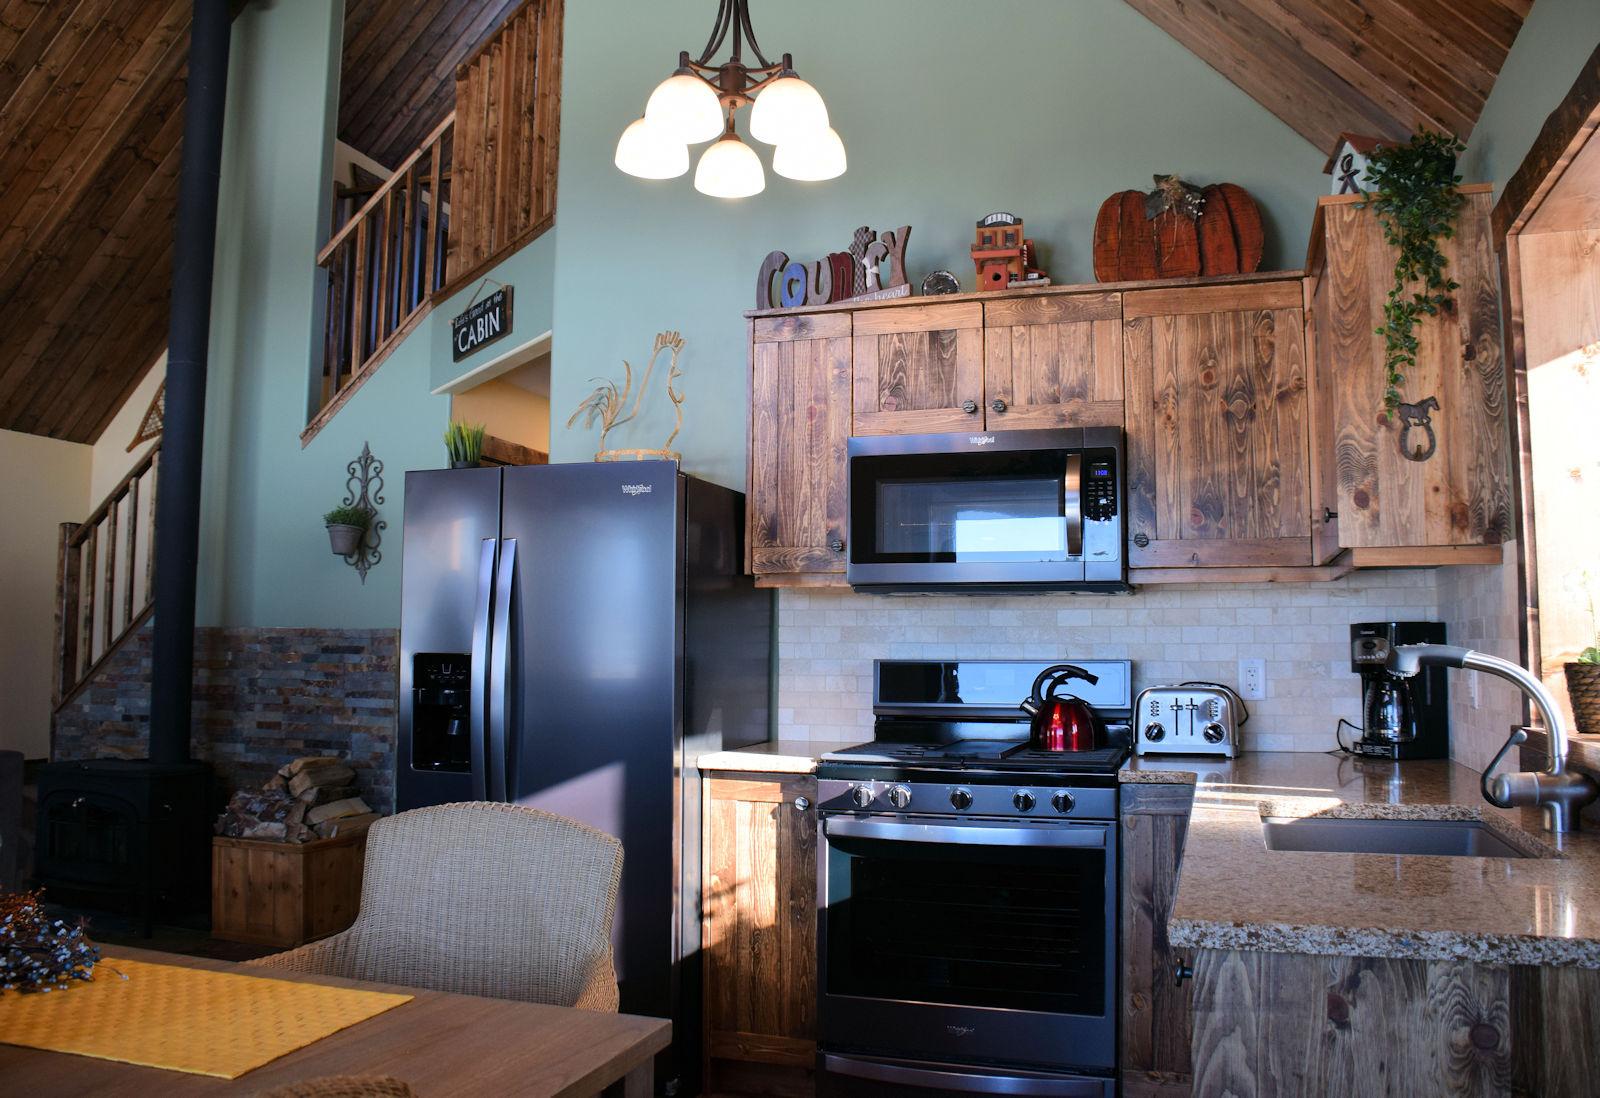 https://0901.nccdn.net/4_2/000/000/050/773/view-from-kitchen-to-stairwell-1600x1098.jpg